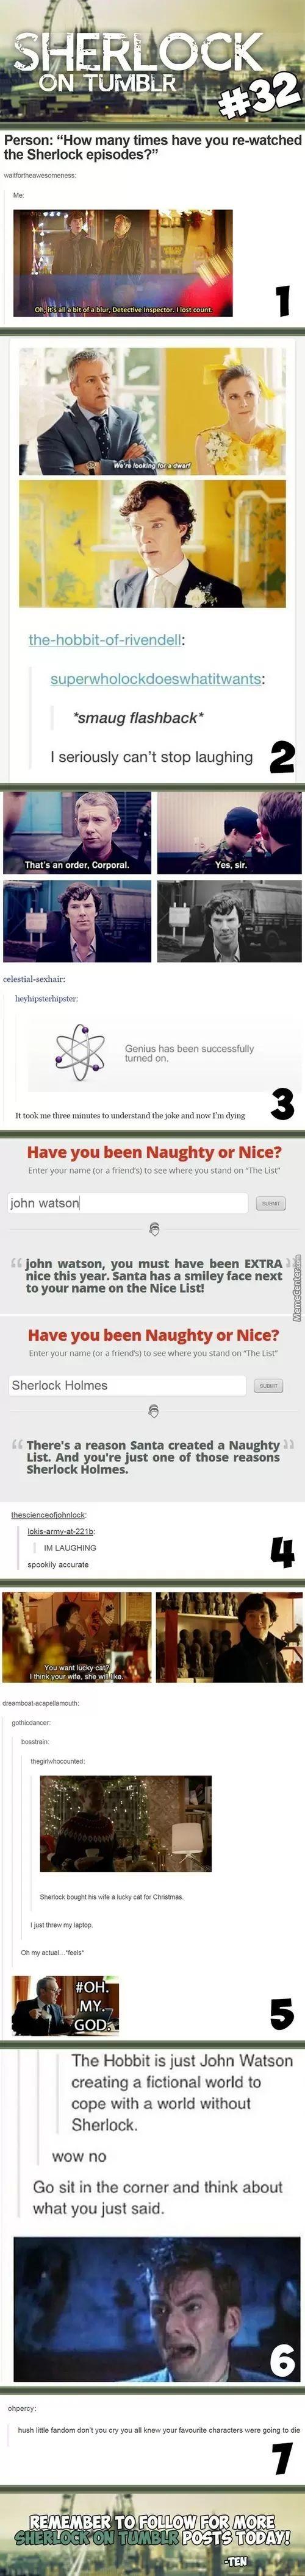 Sherlock On Tumblr #32